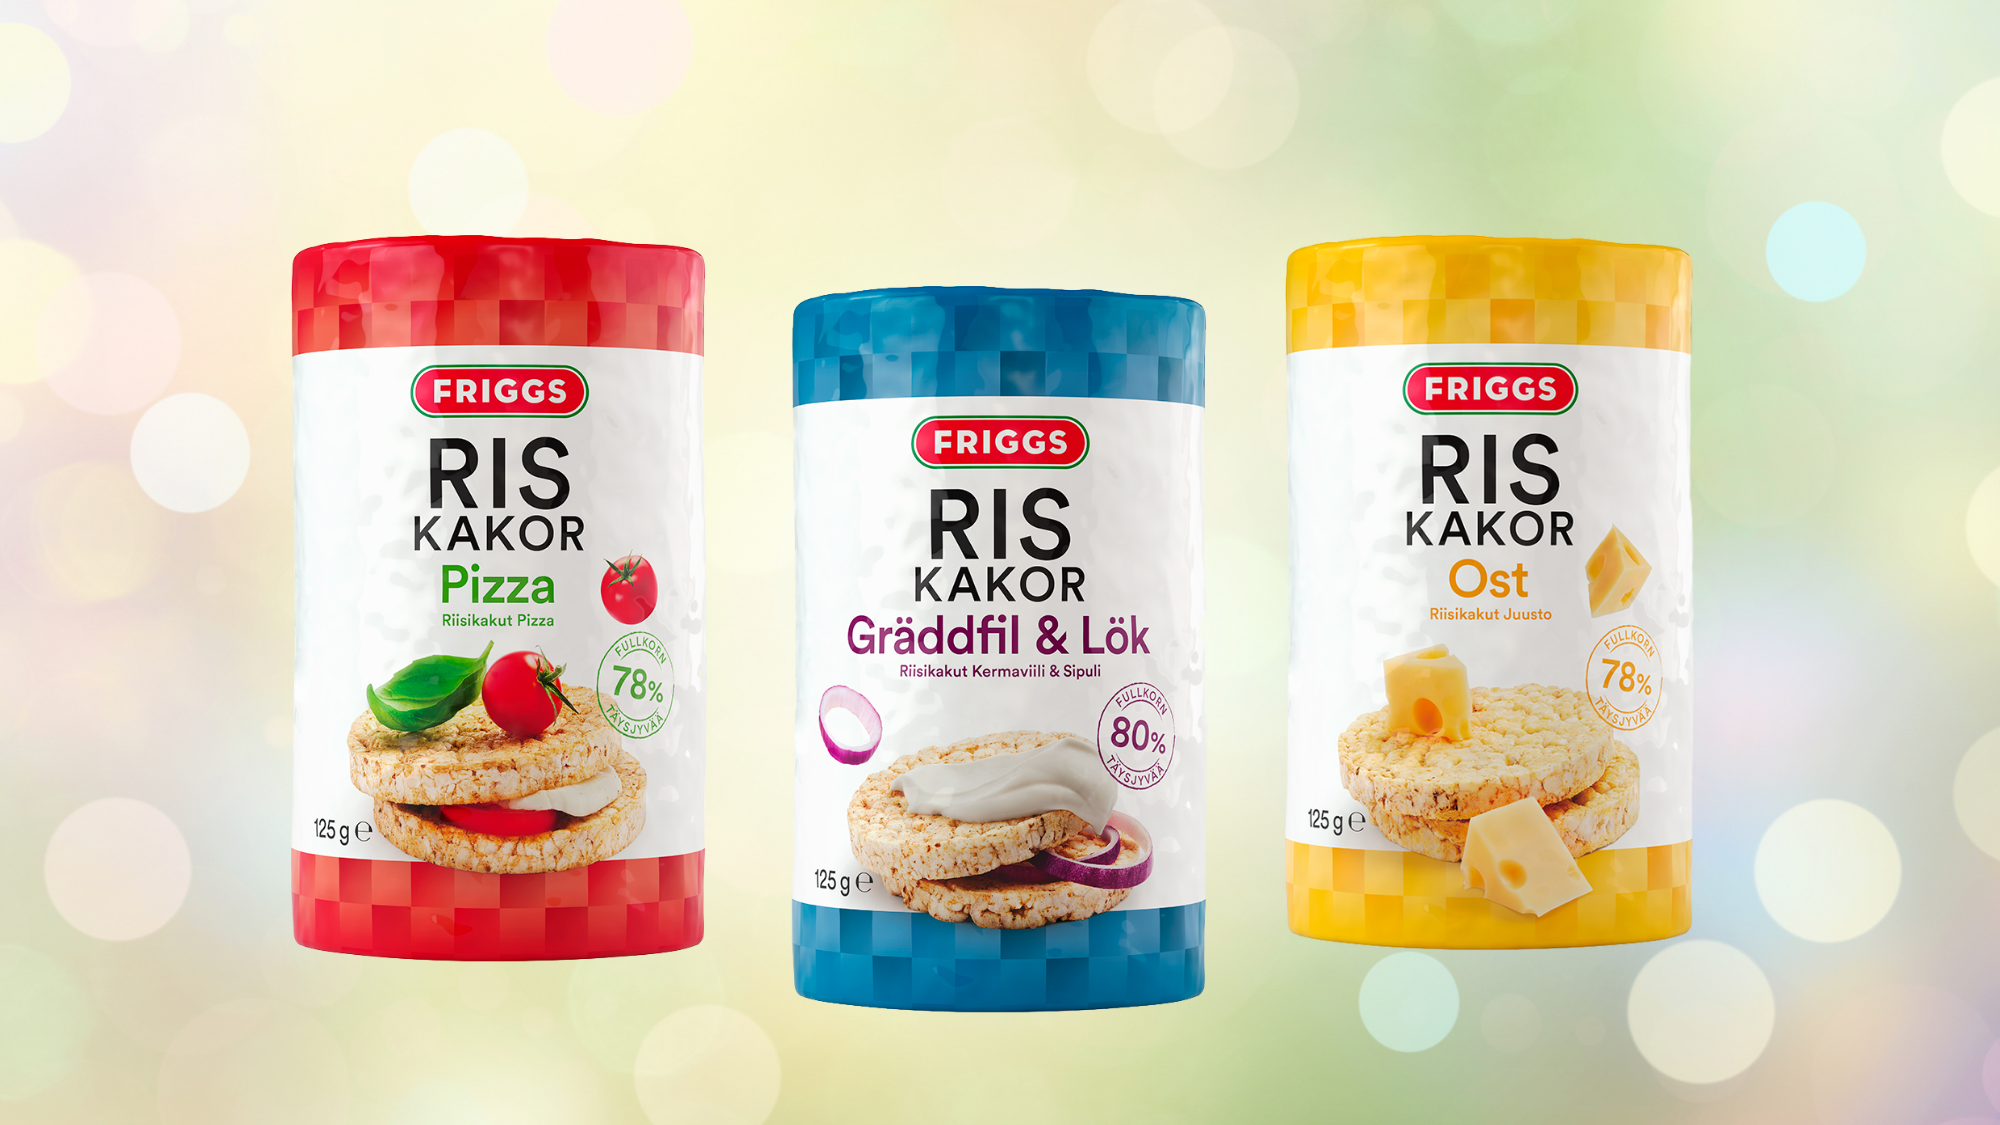 UUDISTUS! Friggs maustetut riisikakut saivat uuden, selkeämmän pakkausilmeen!